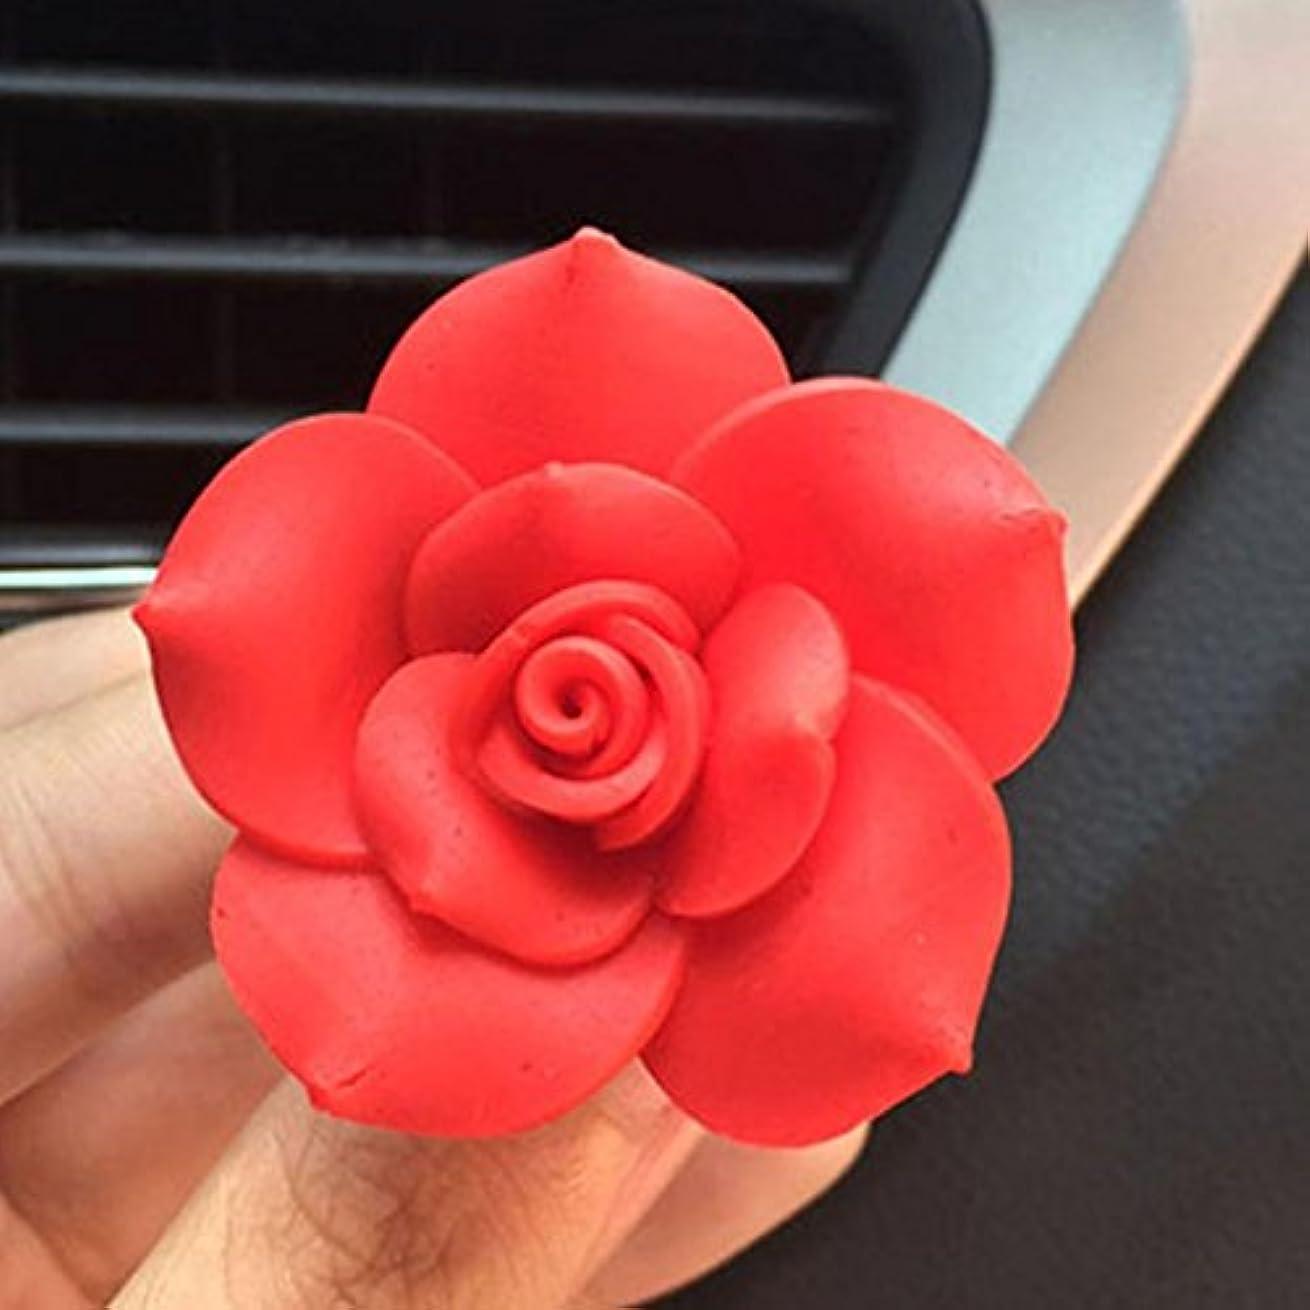 苛性家庭教師ラリーベルモントgessppo車ソフトSOTTERY Flower AirコンセントFragrant PerfumeクリップFreshener Diffuser